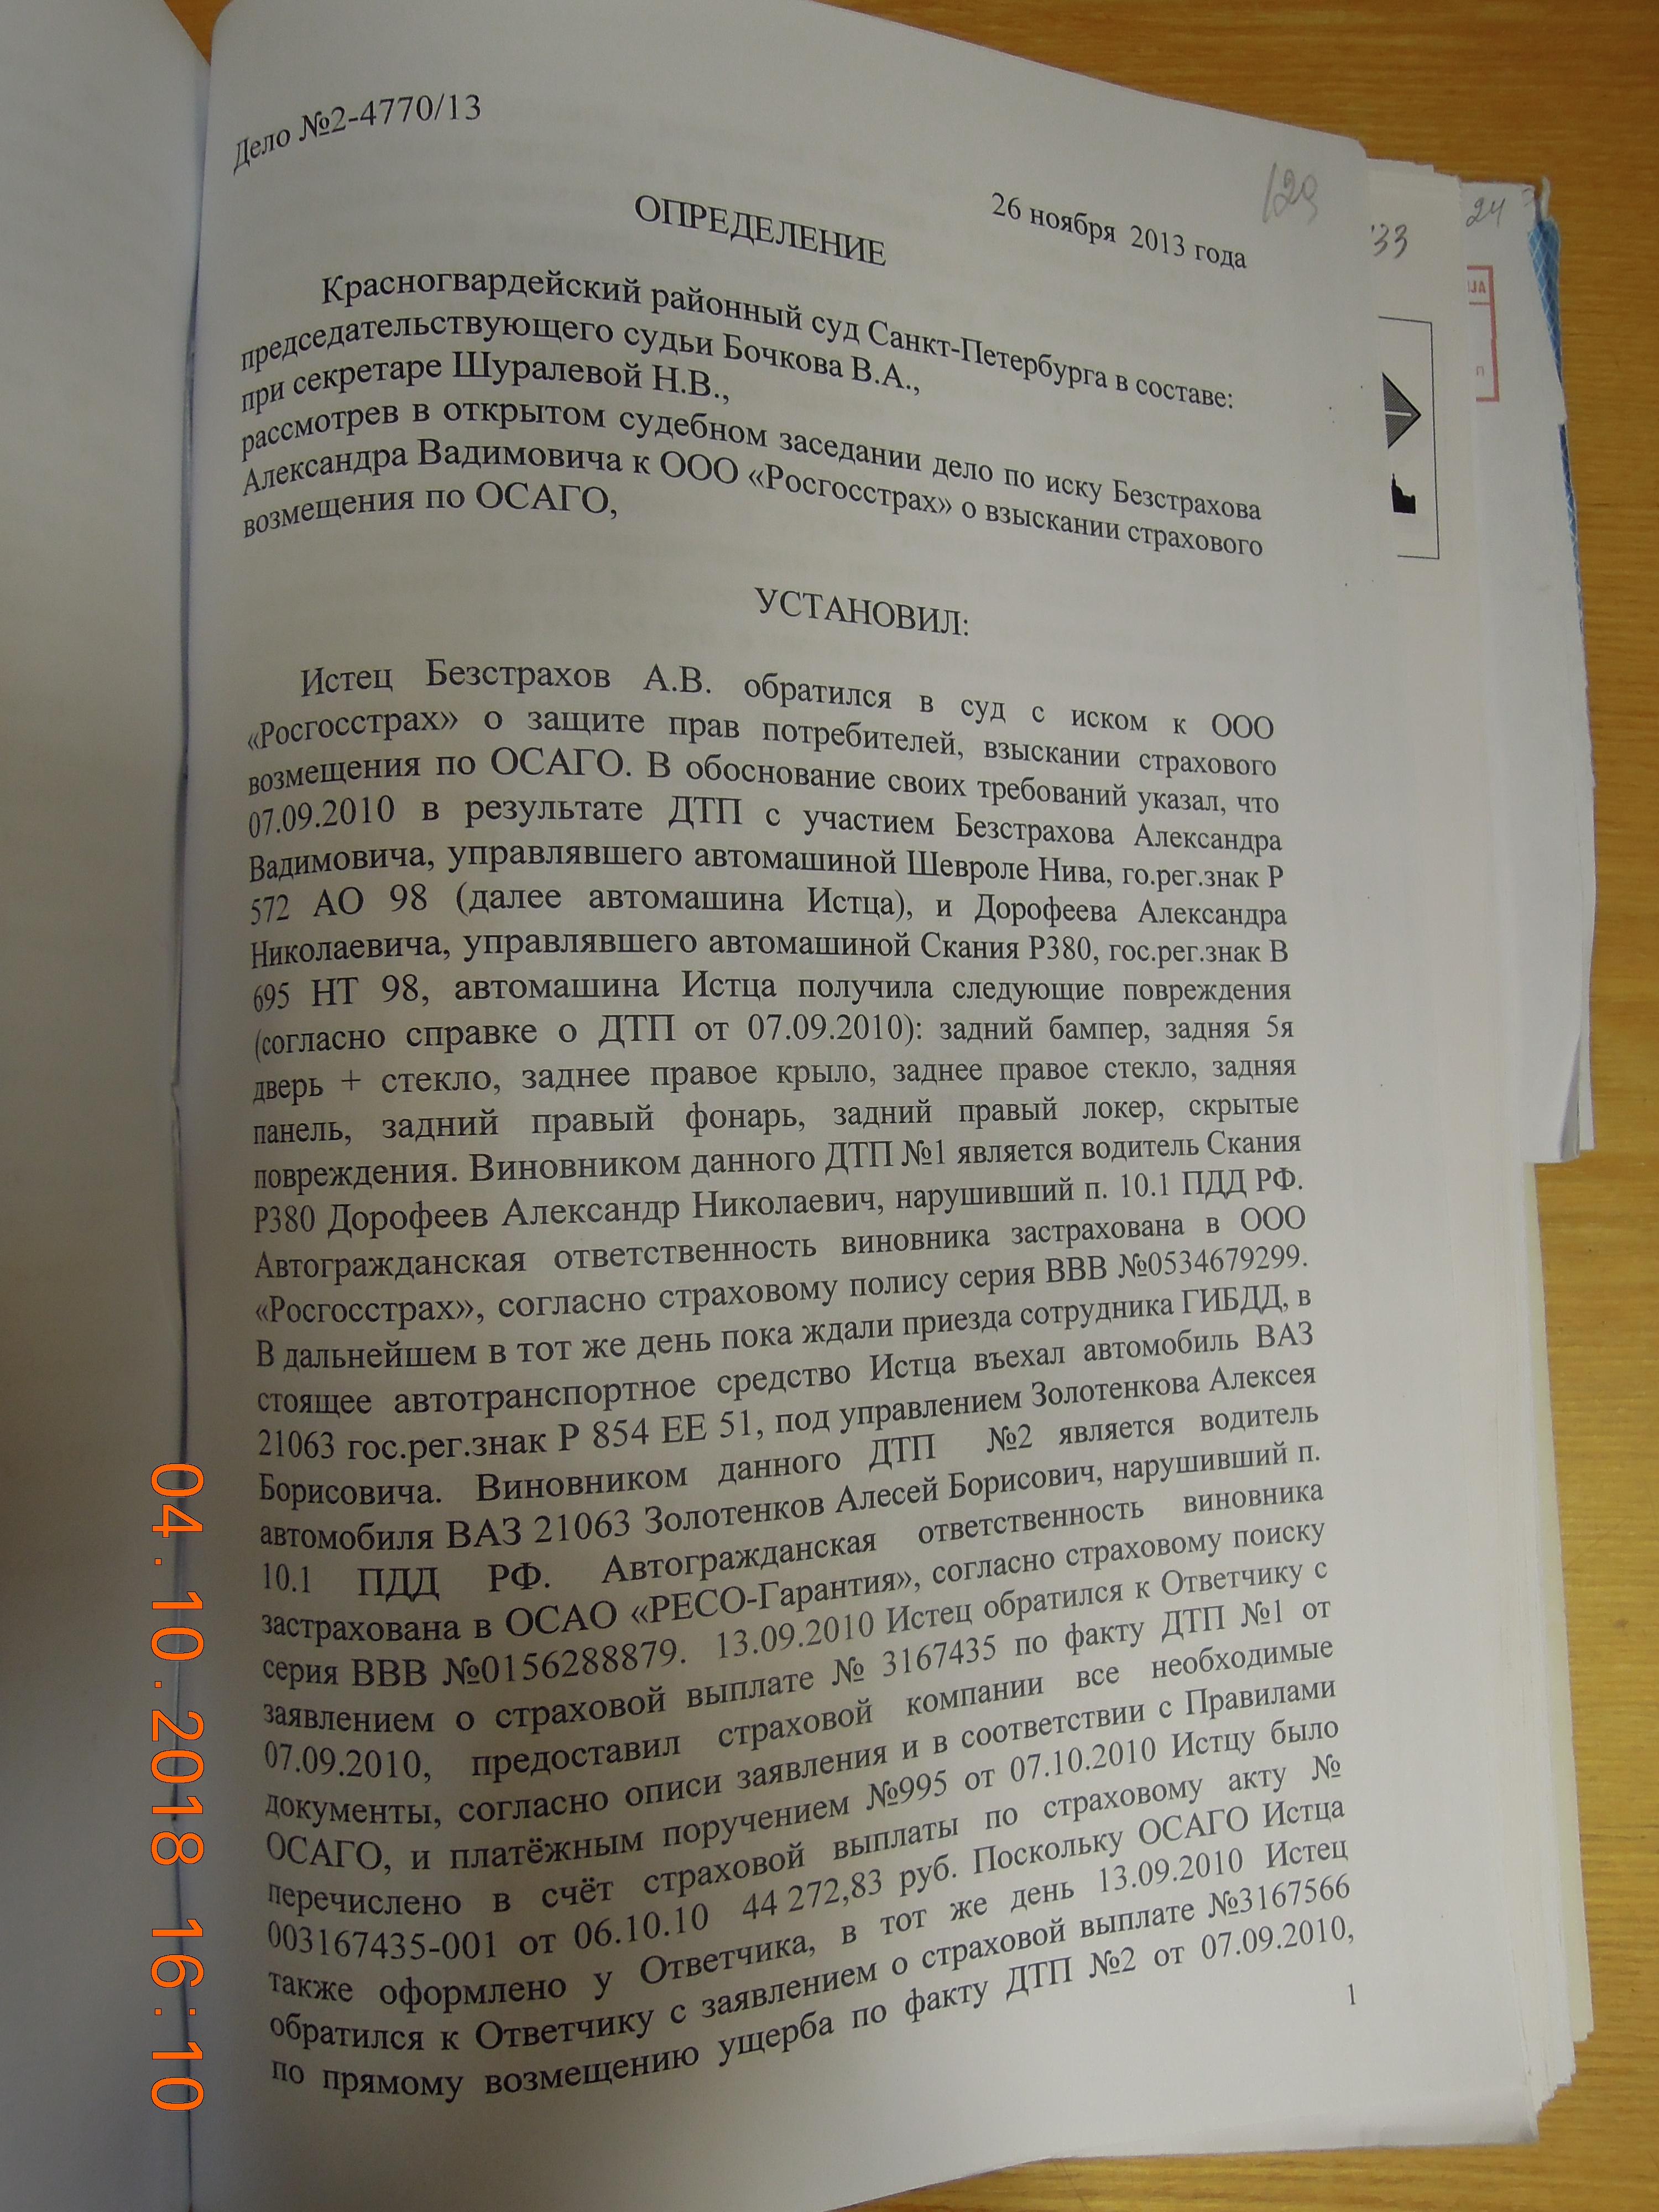 DSCN4766.JPG